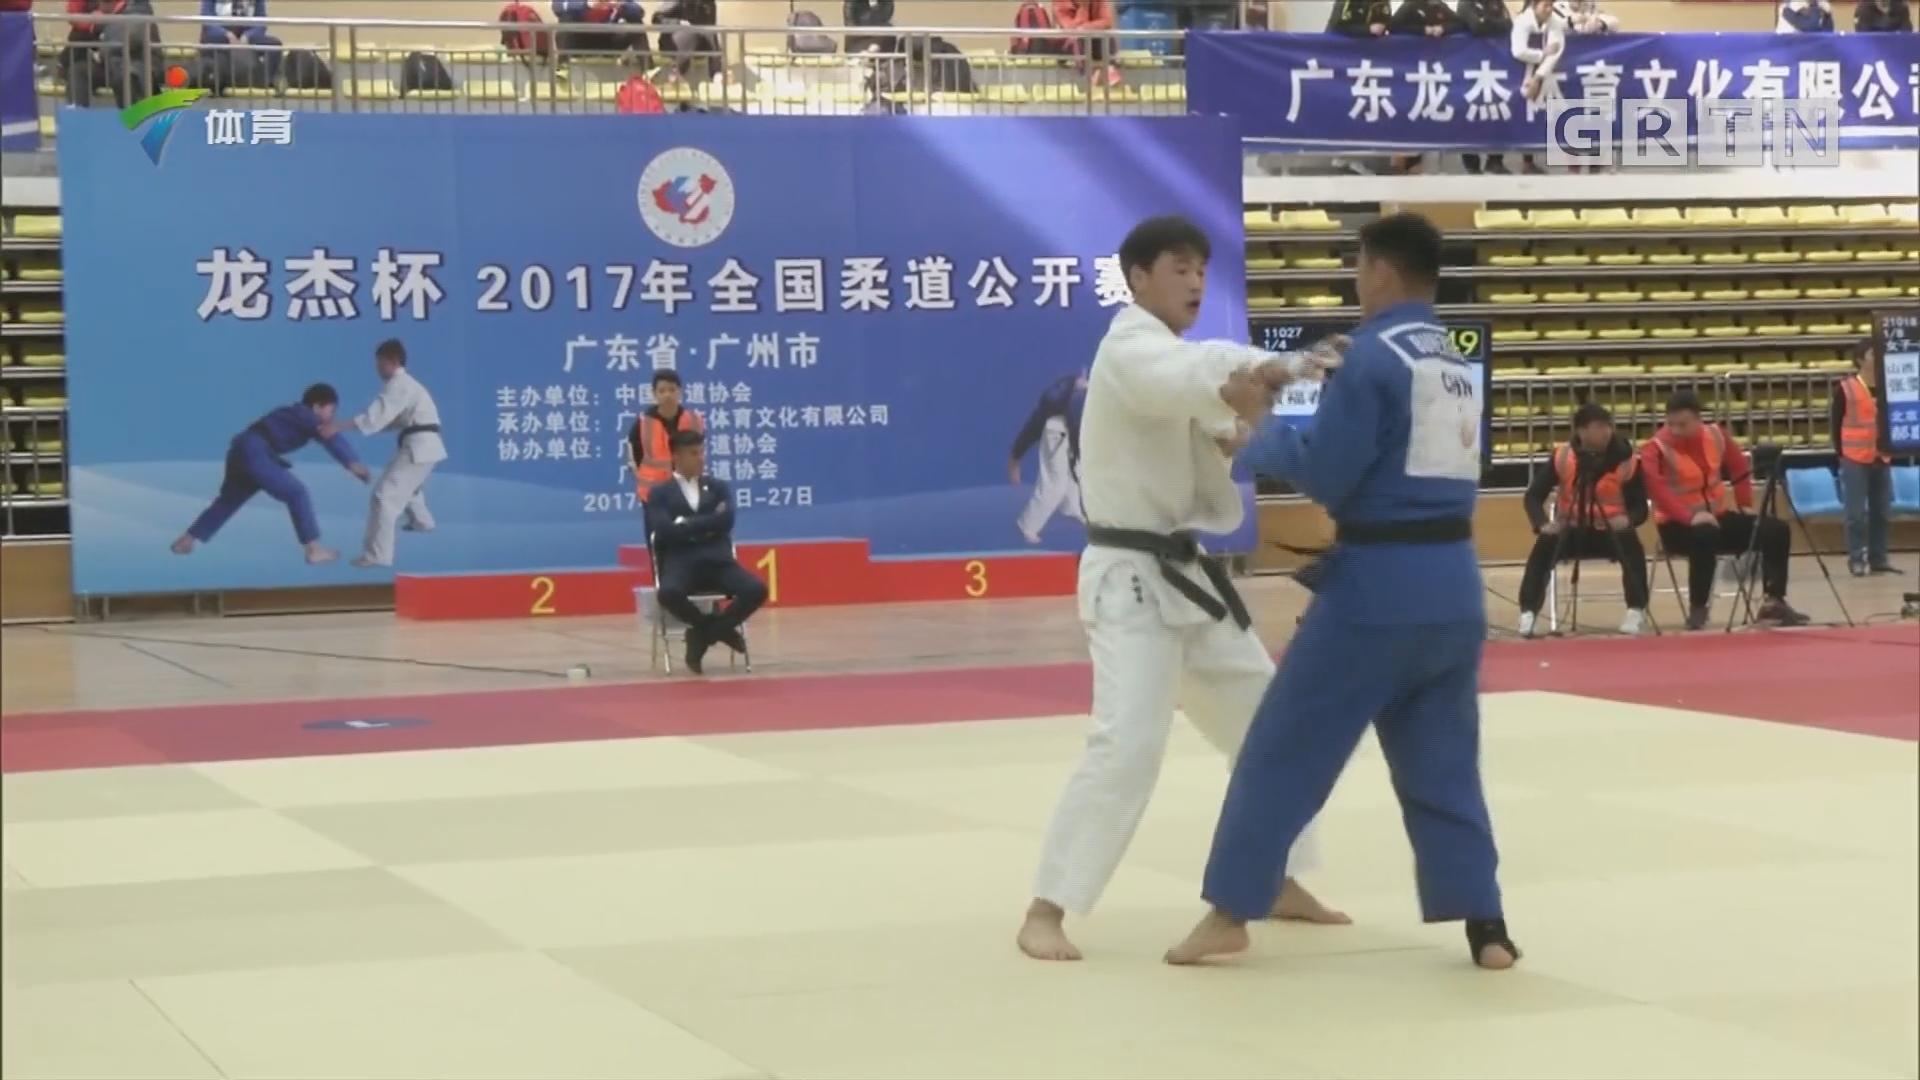 2017全国柔道公开赛广州开赛